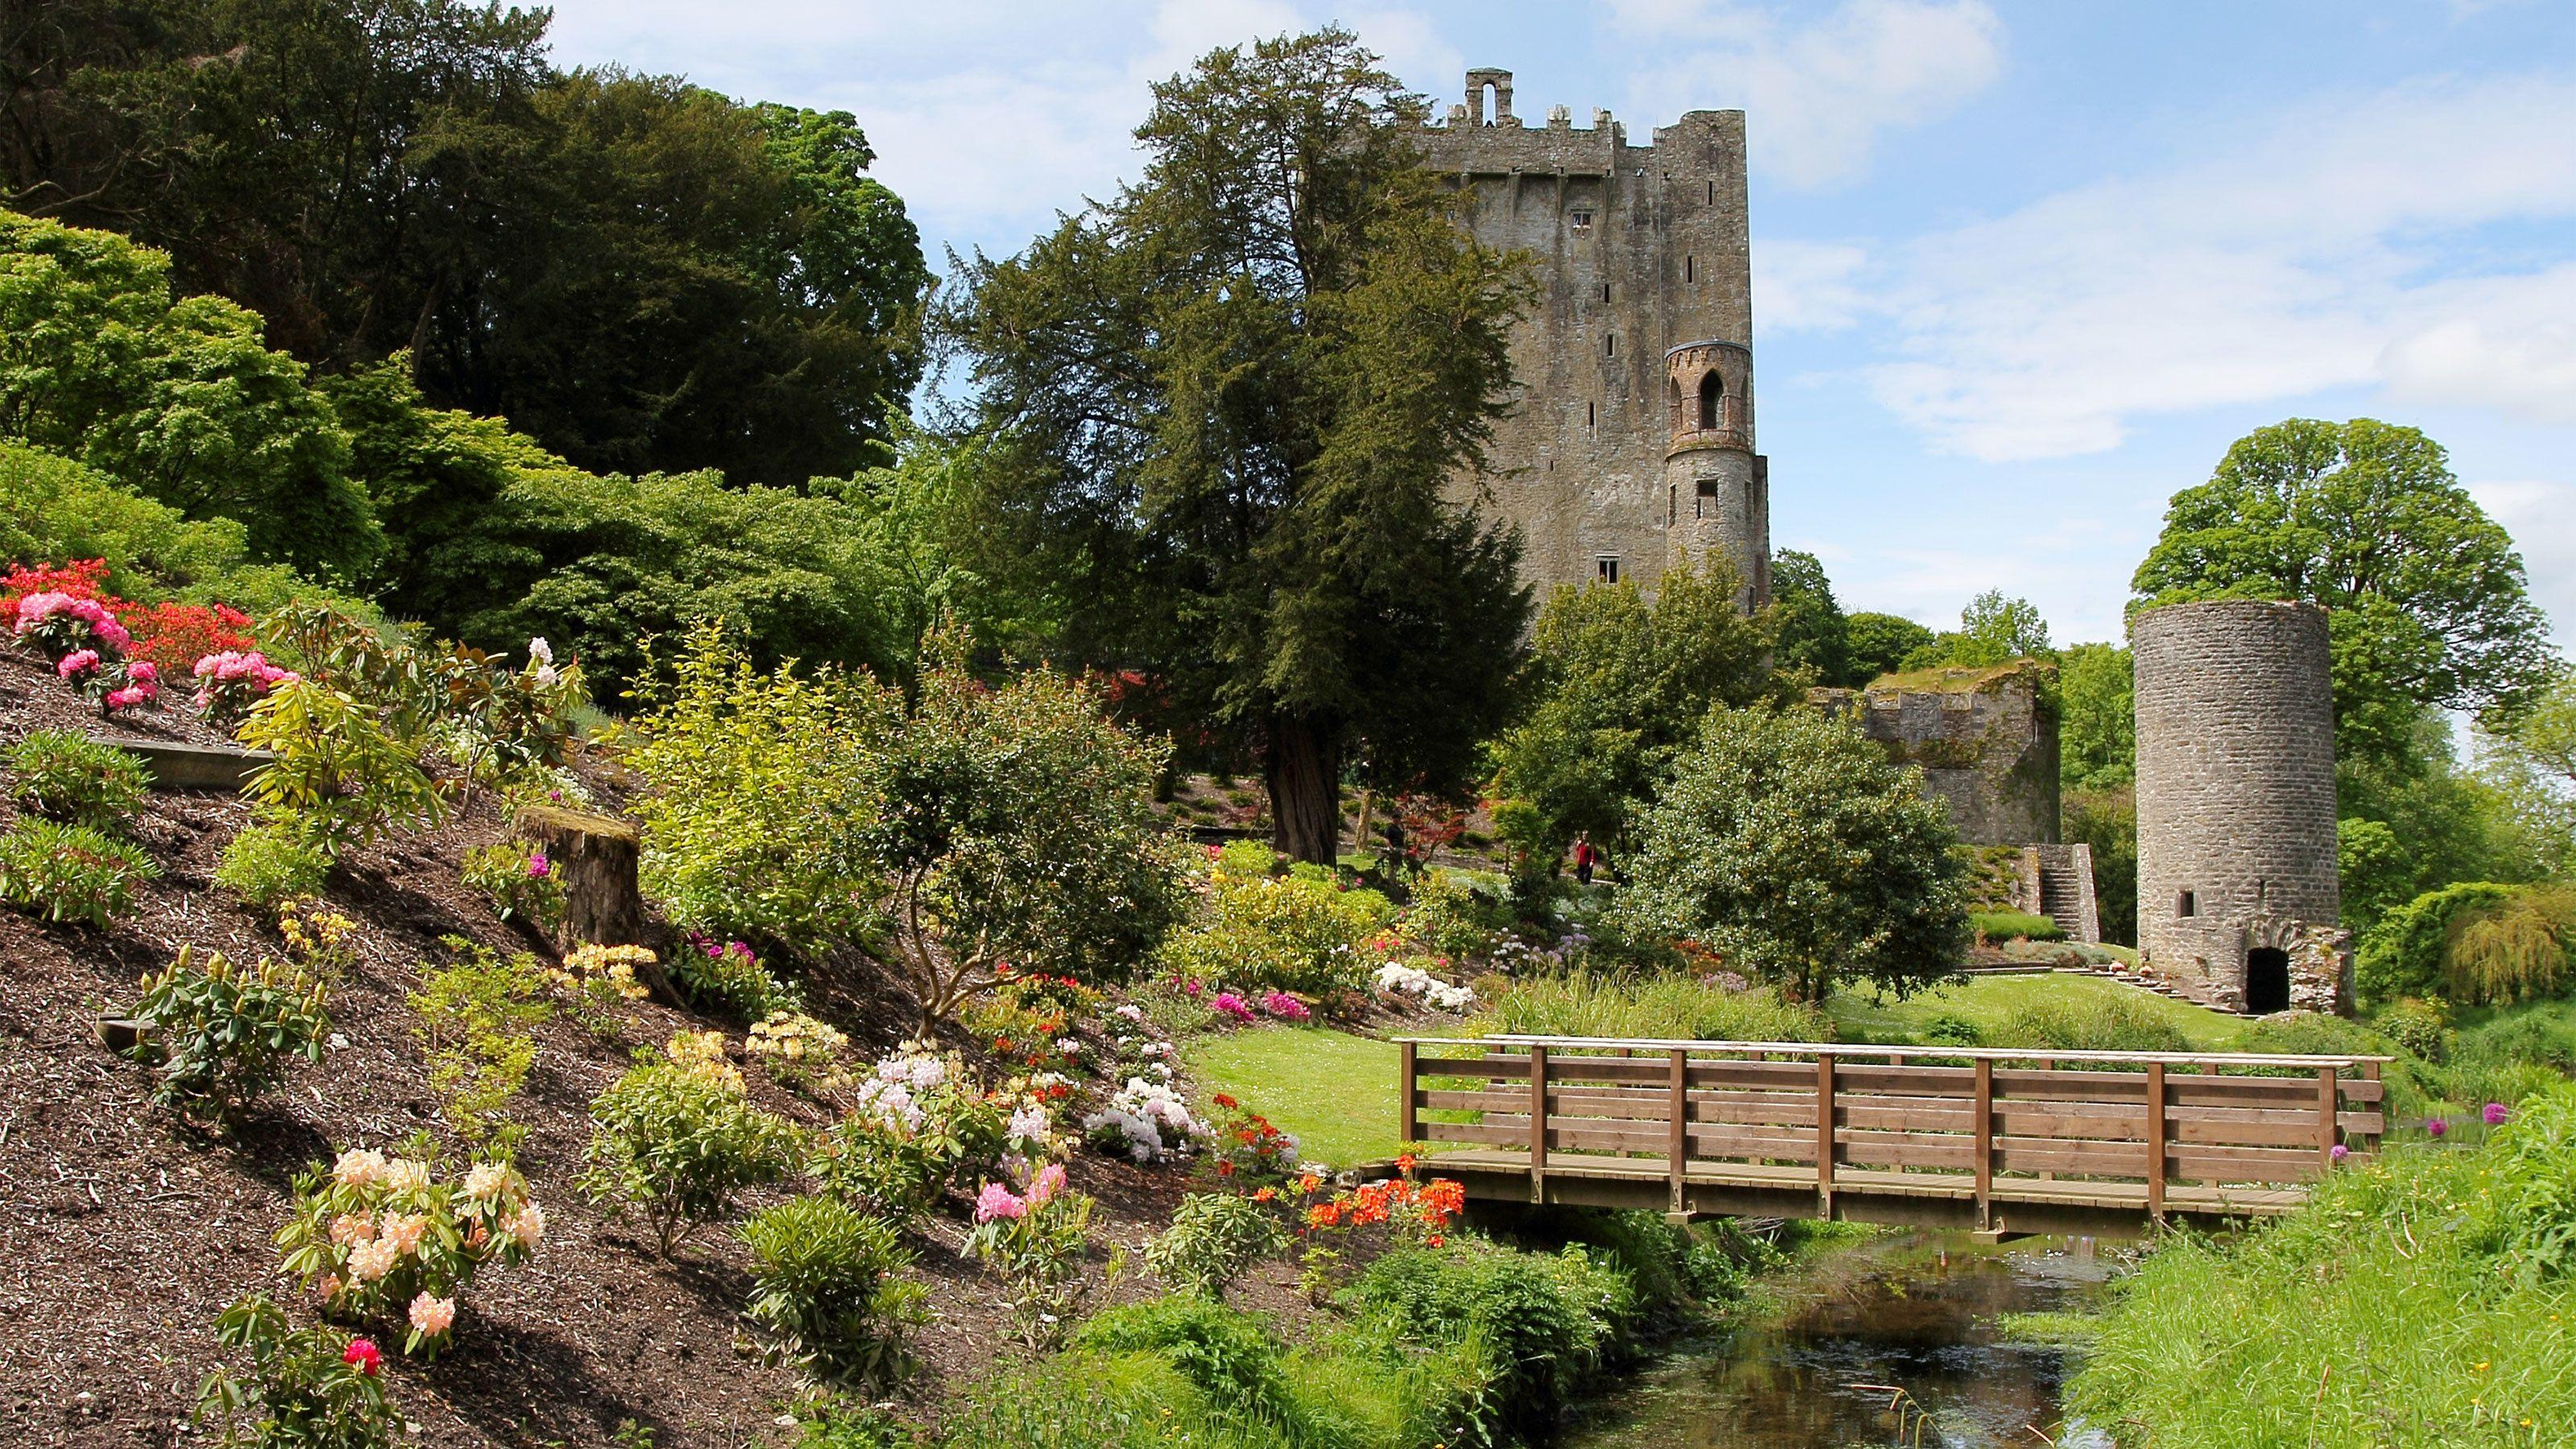 Tagestour zu den Schlössern Blarney Castle und Cahir Castle